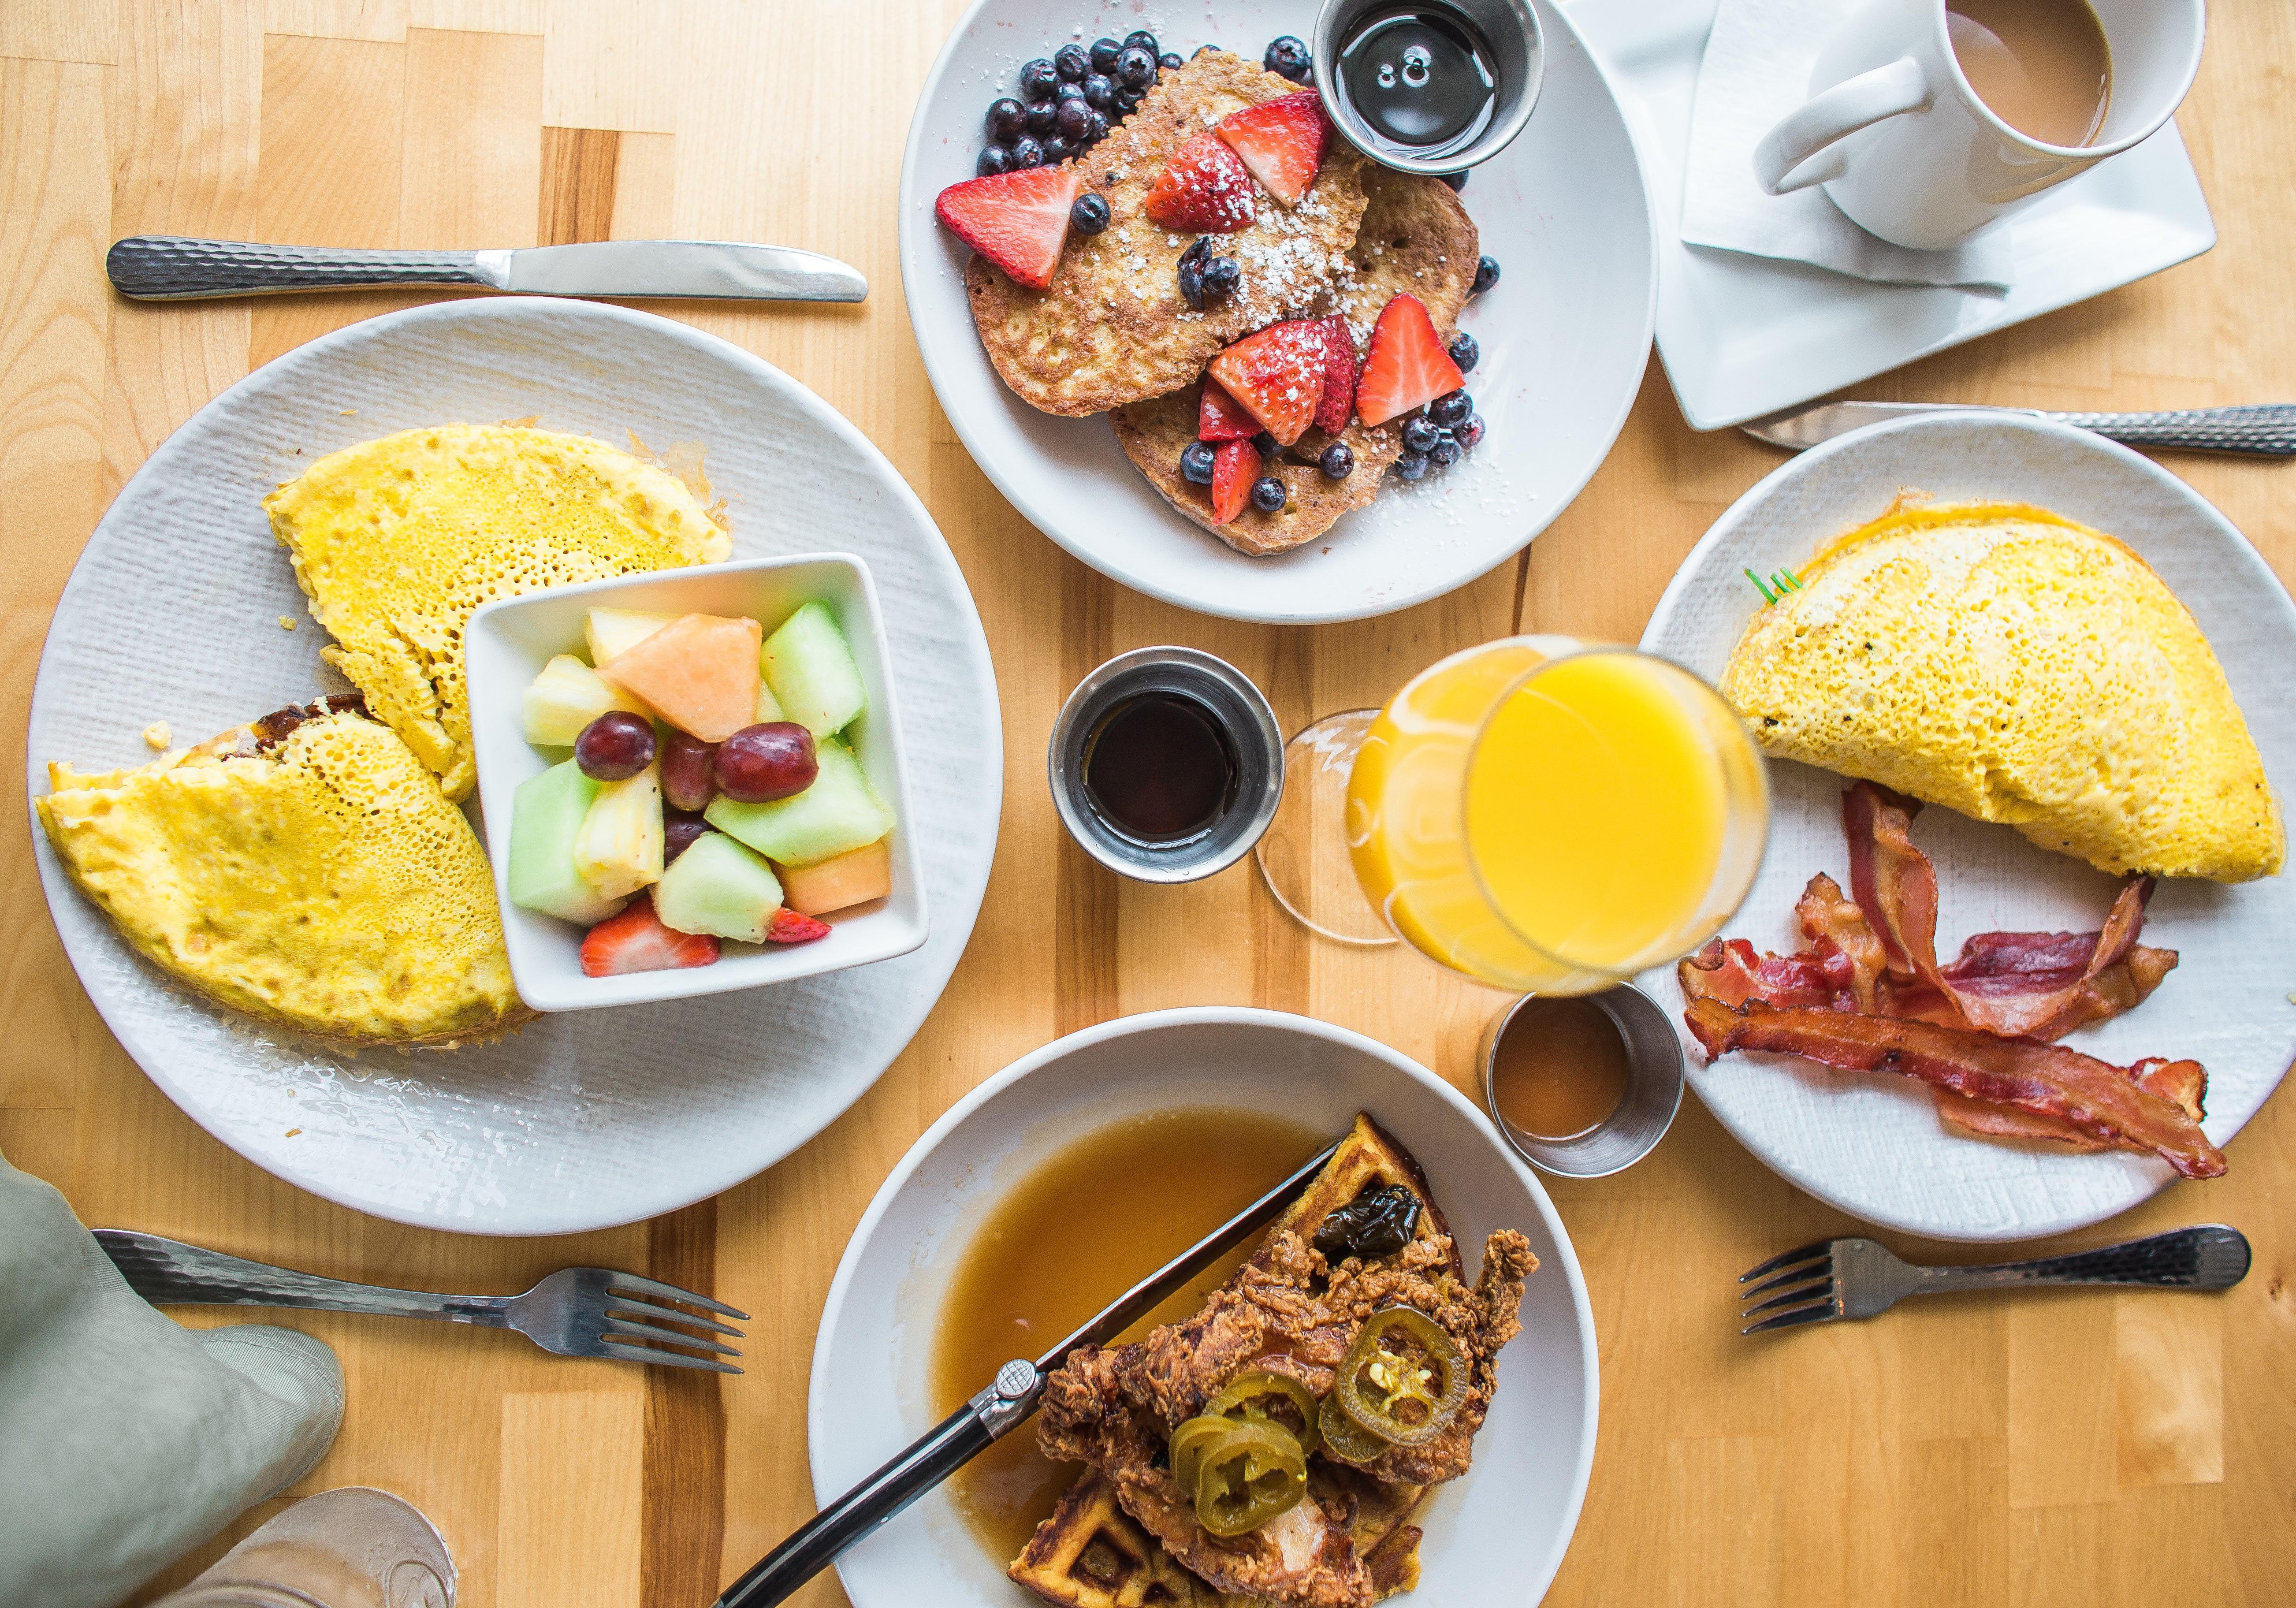 サイゼリヤで朝食バイキングができる店舗はどこ?メニュー・価格も紹介!